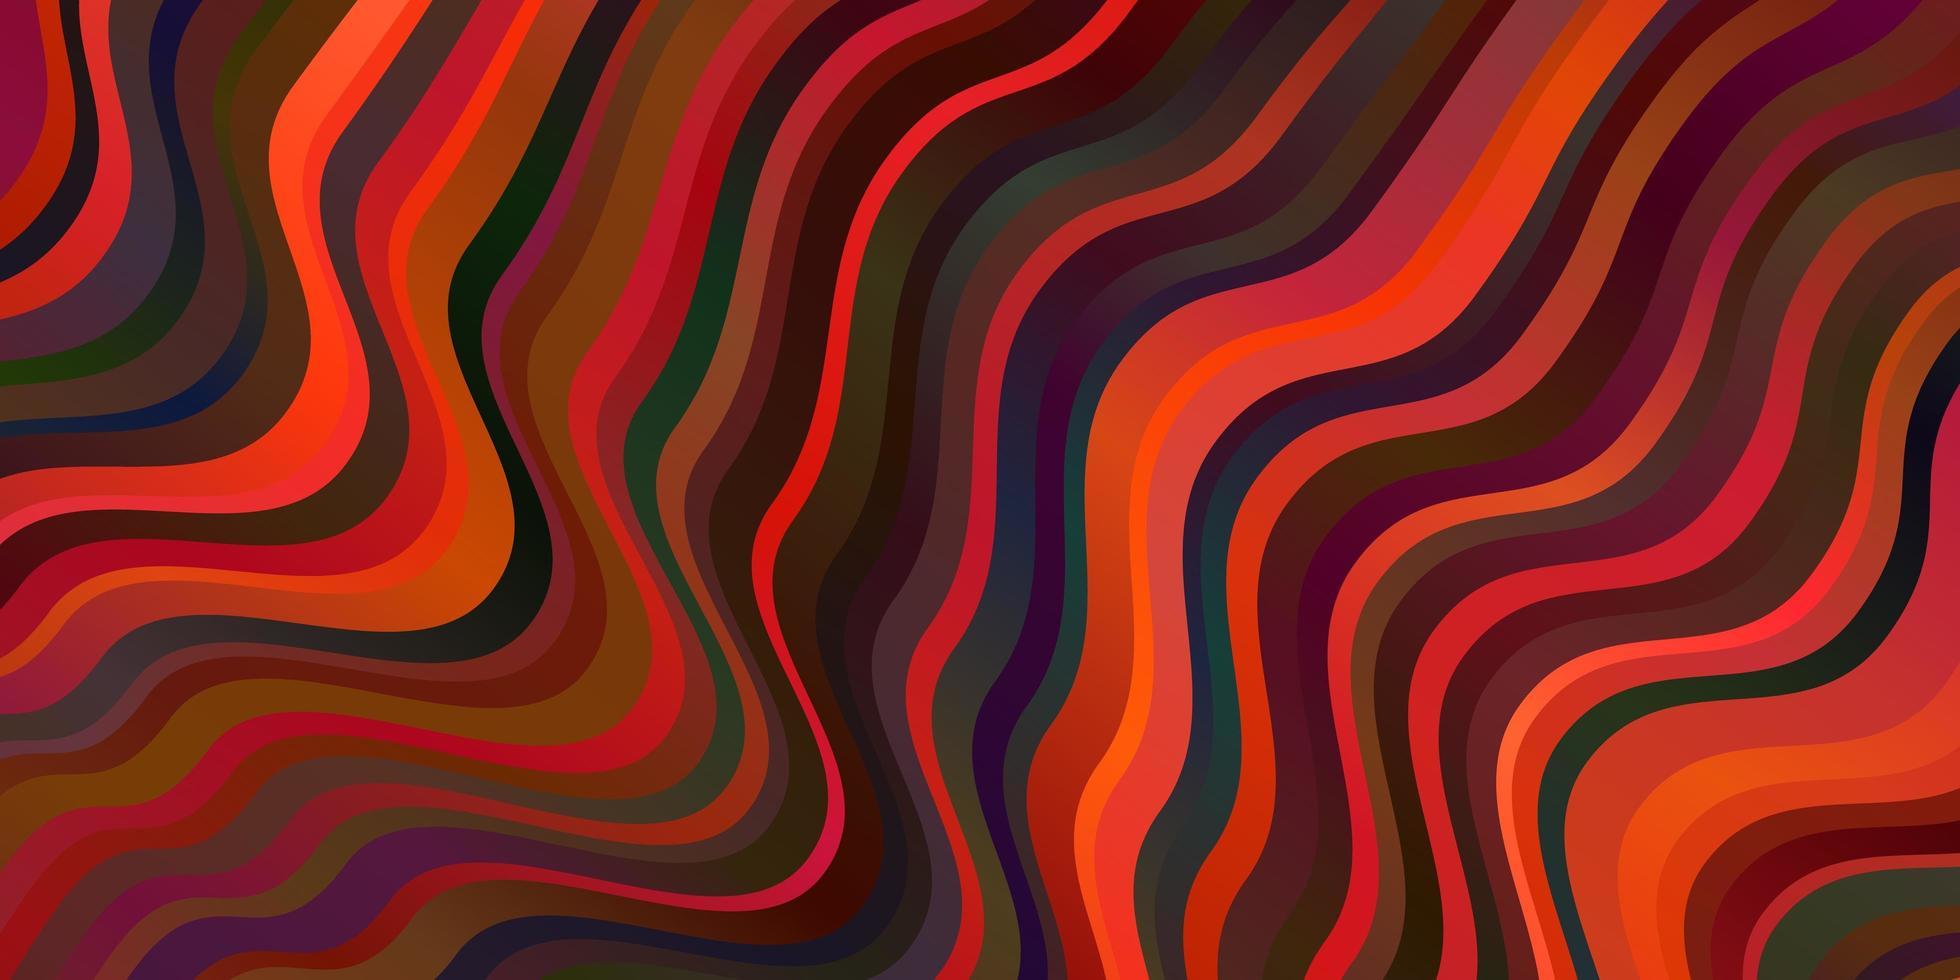 dunkelorange Vektorlayout mit schiefen Linien. vektor